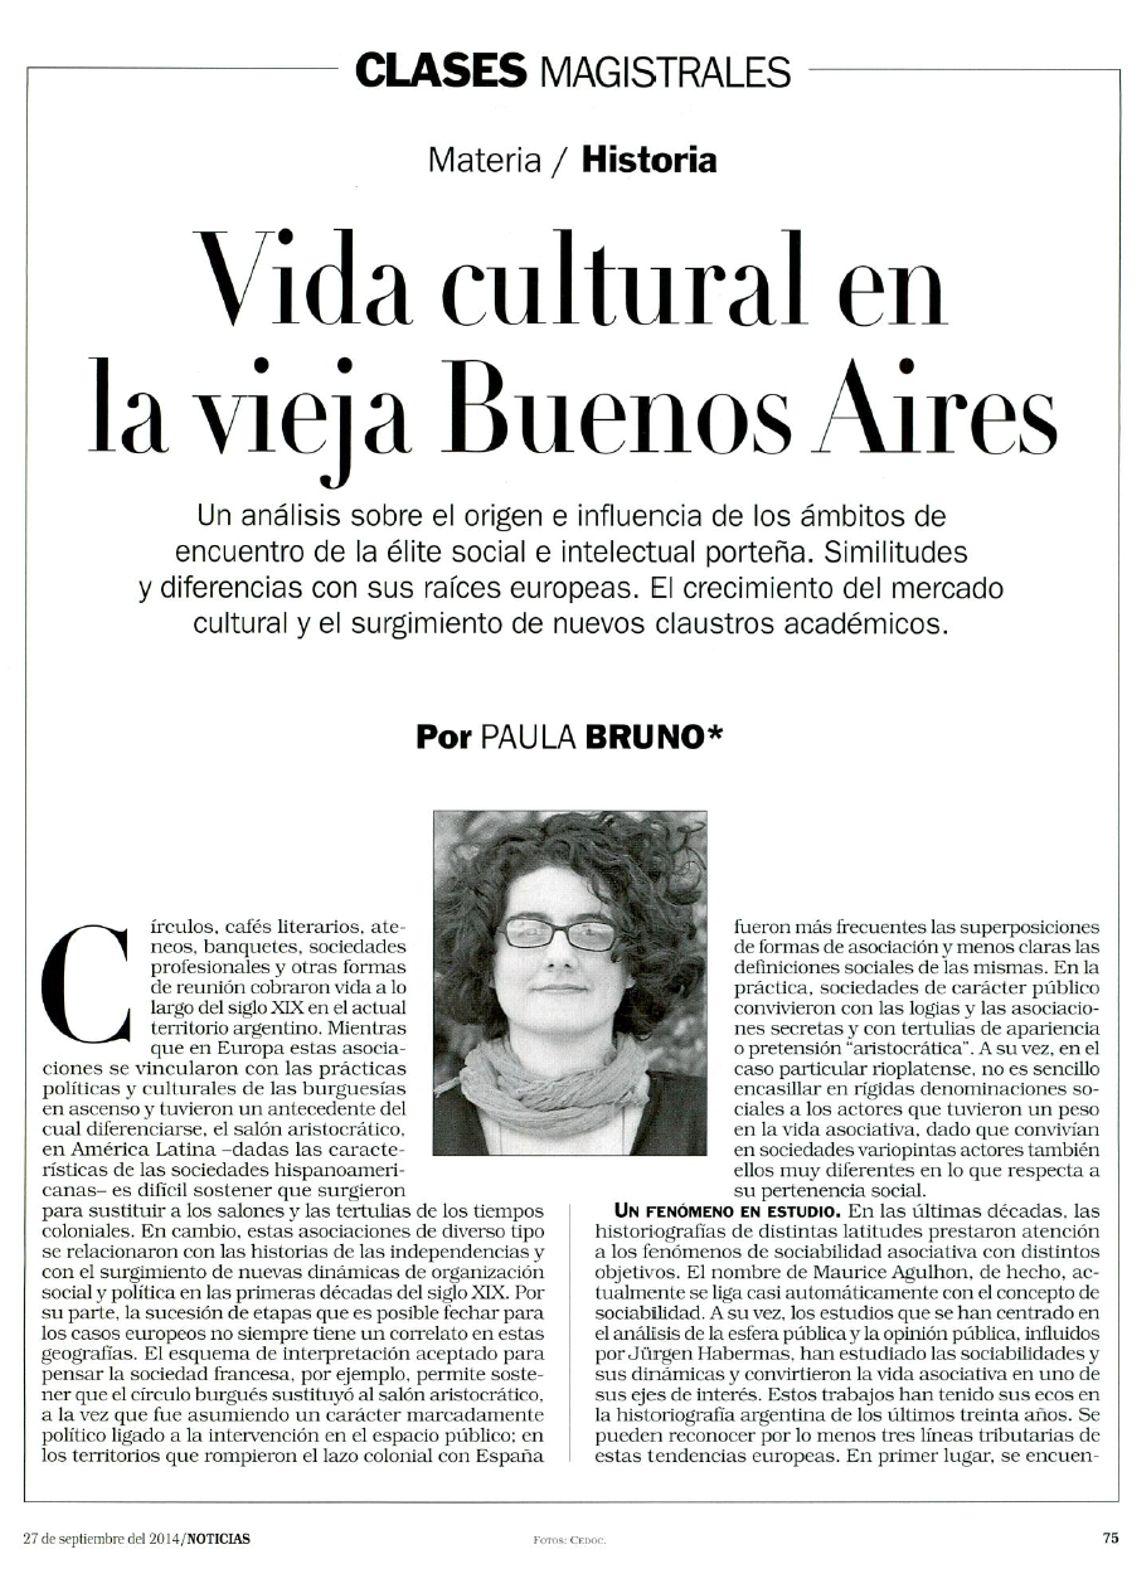 Paula Bruno en Revista Noticias